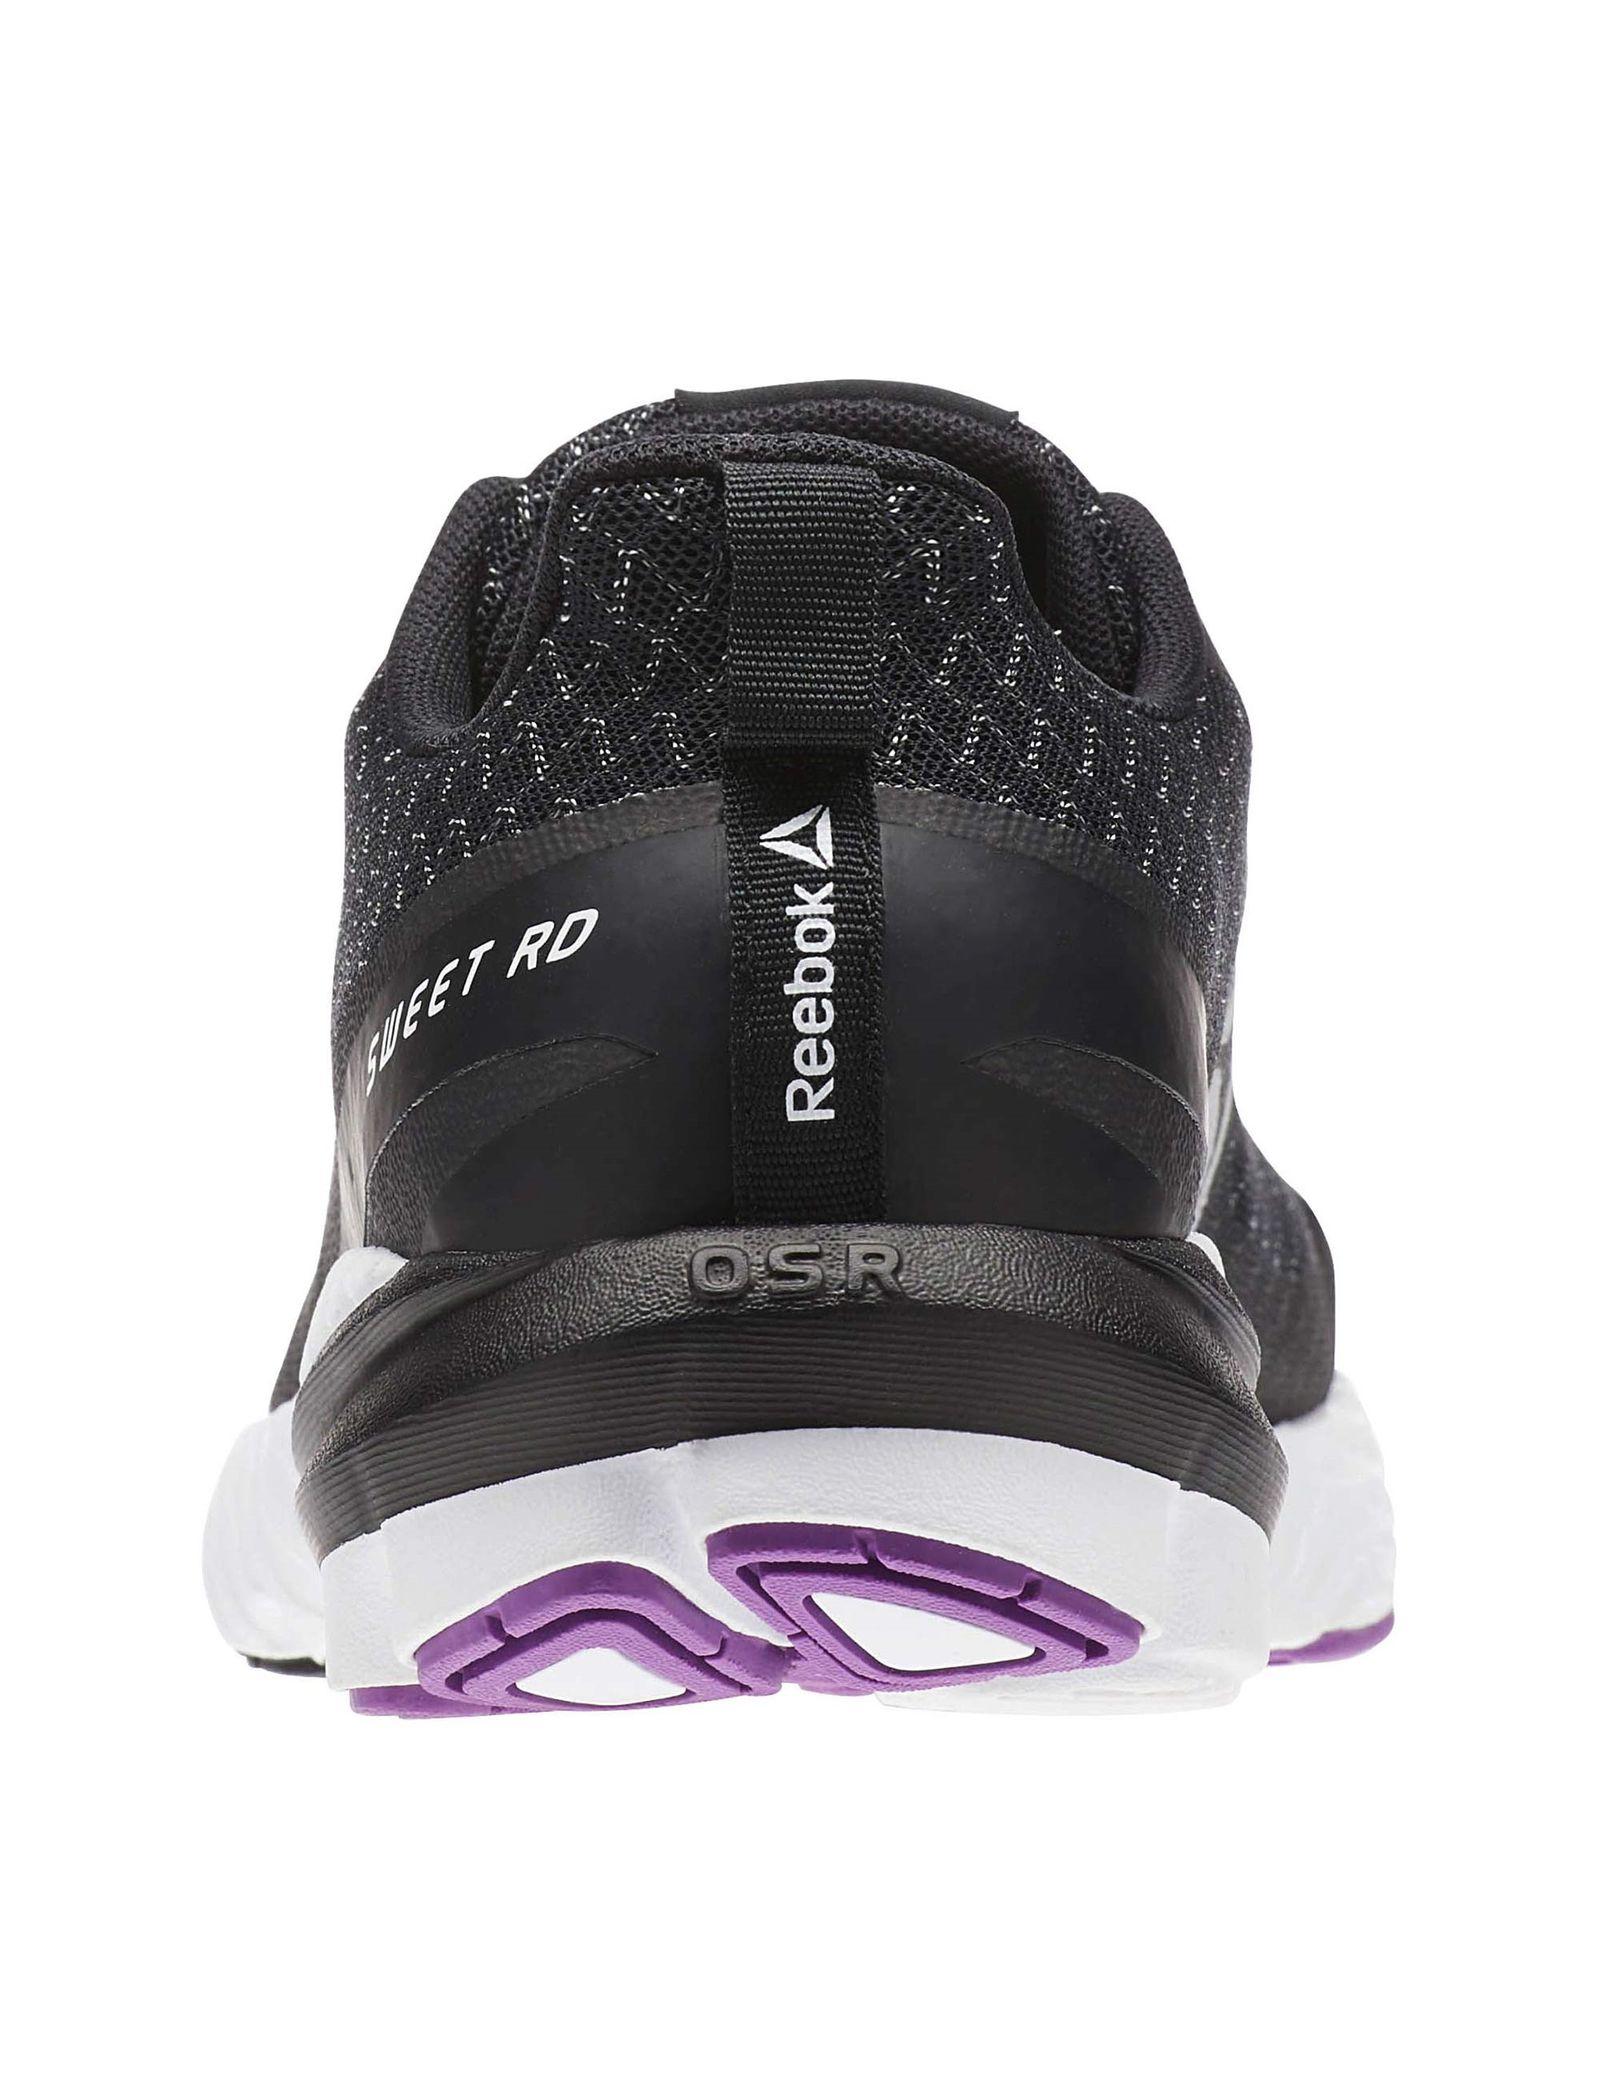 کفش دویدن بندی زنانه OSR Sweet Road SE - ریباک - مشکي - 6